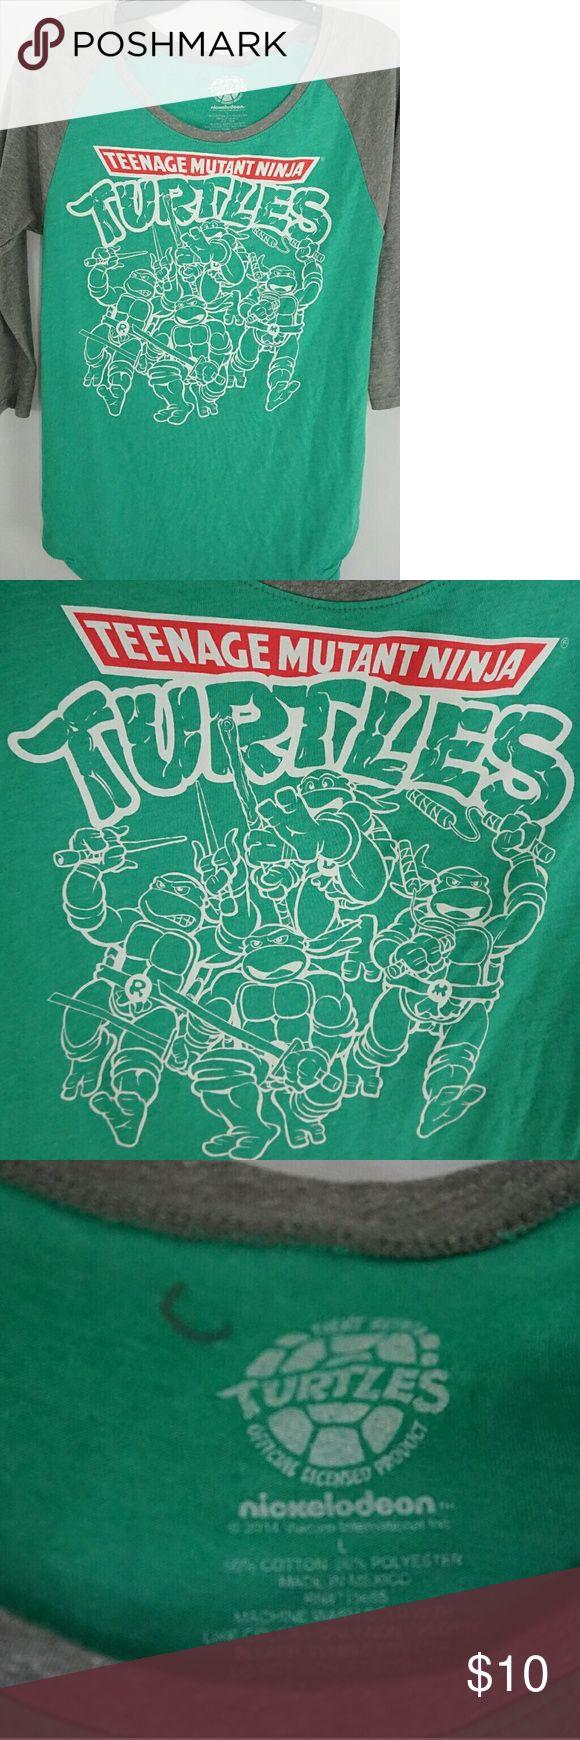 Nickelodeon Ninja Turtle Tshirr Great Used Condition Nickelodeon Tops Tees - Long Sleeve